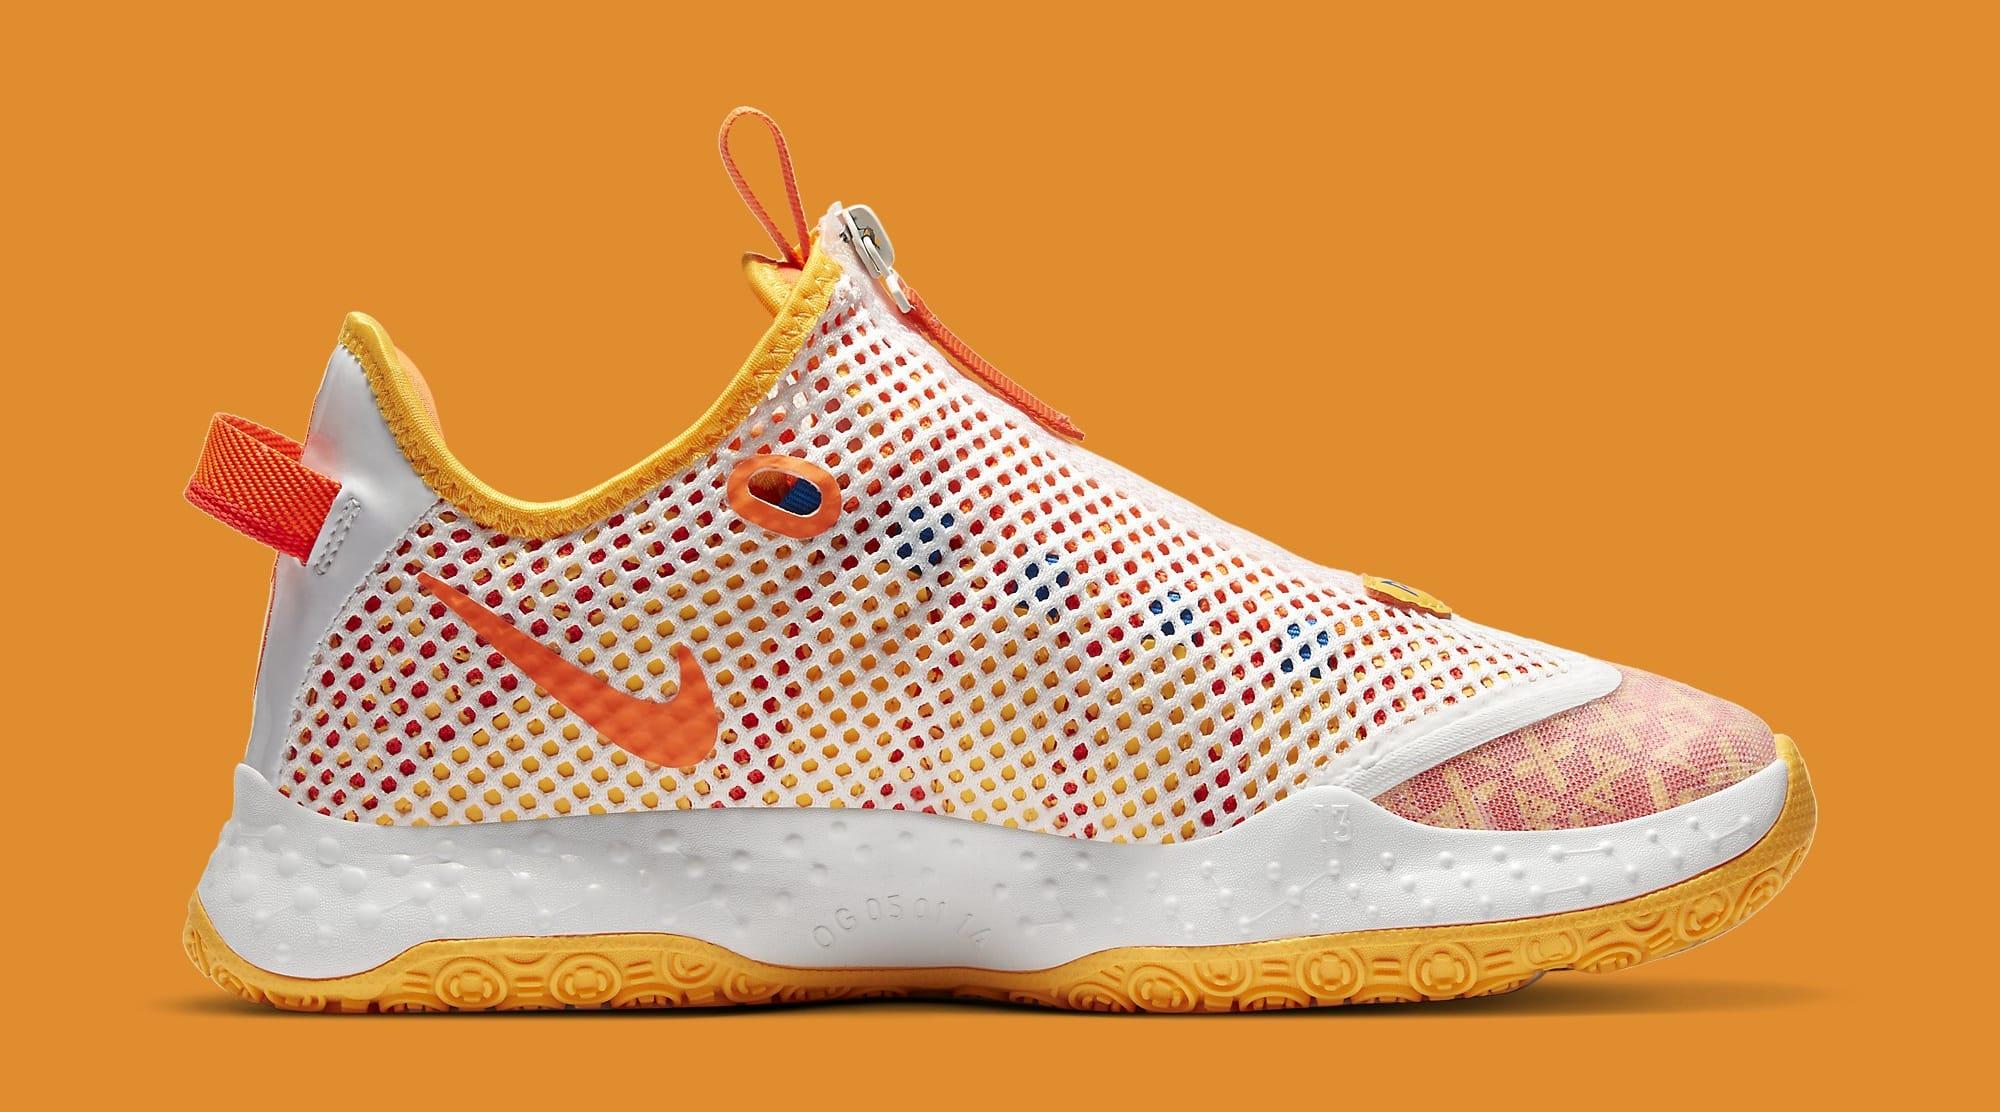 Gatorade x Nike PG 4 'Orange' CD5078-101 Medial